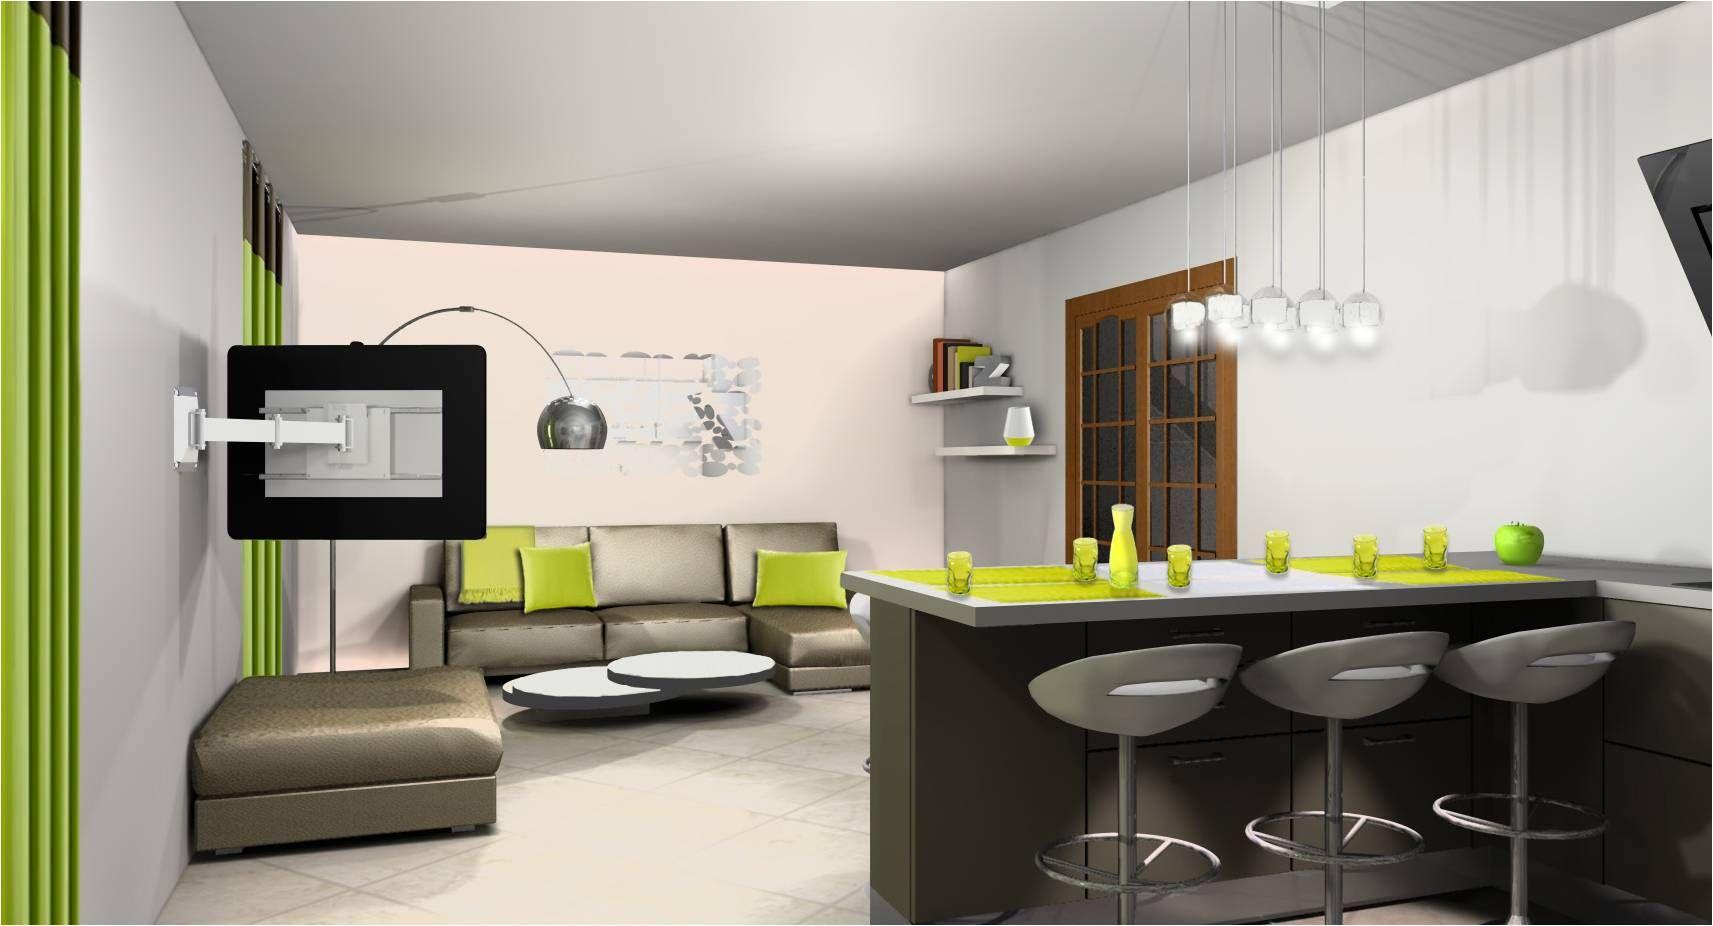 Deco salon cuisine ouverte 11m11 (avec images)  Idee deco petit